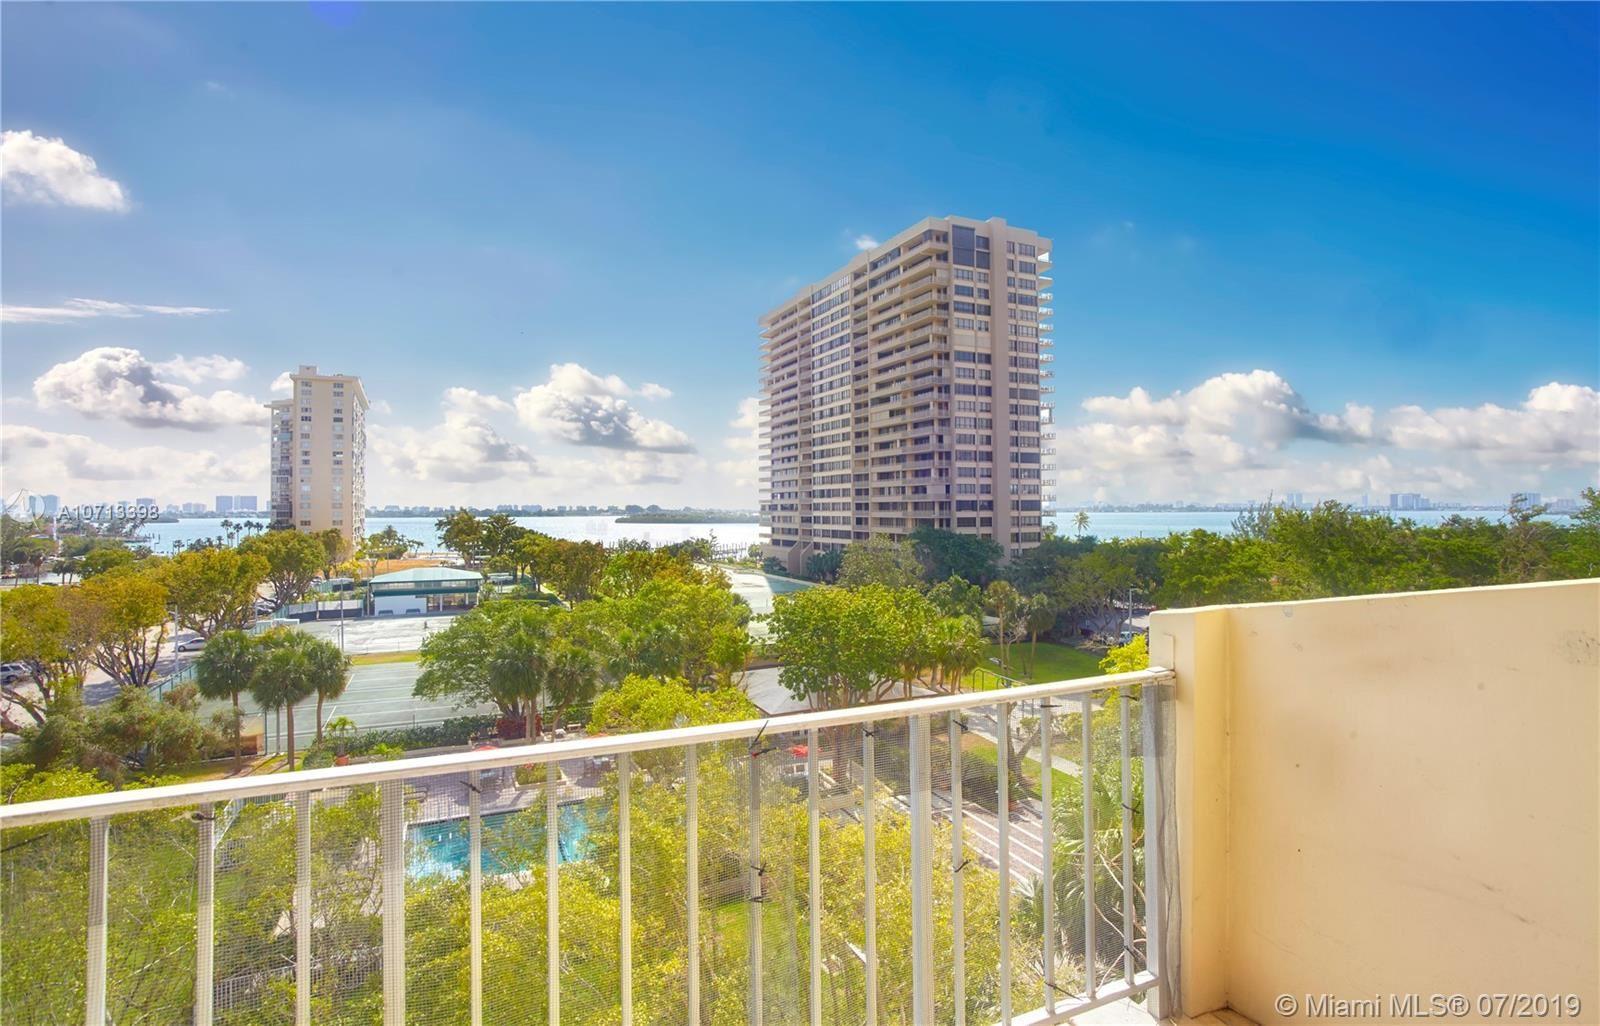 11111 Biscayne Blvd #6D, Miami, FL 33181 - #: A10713398